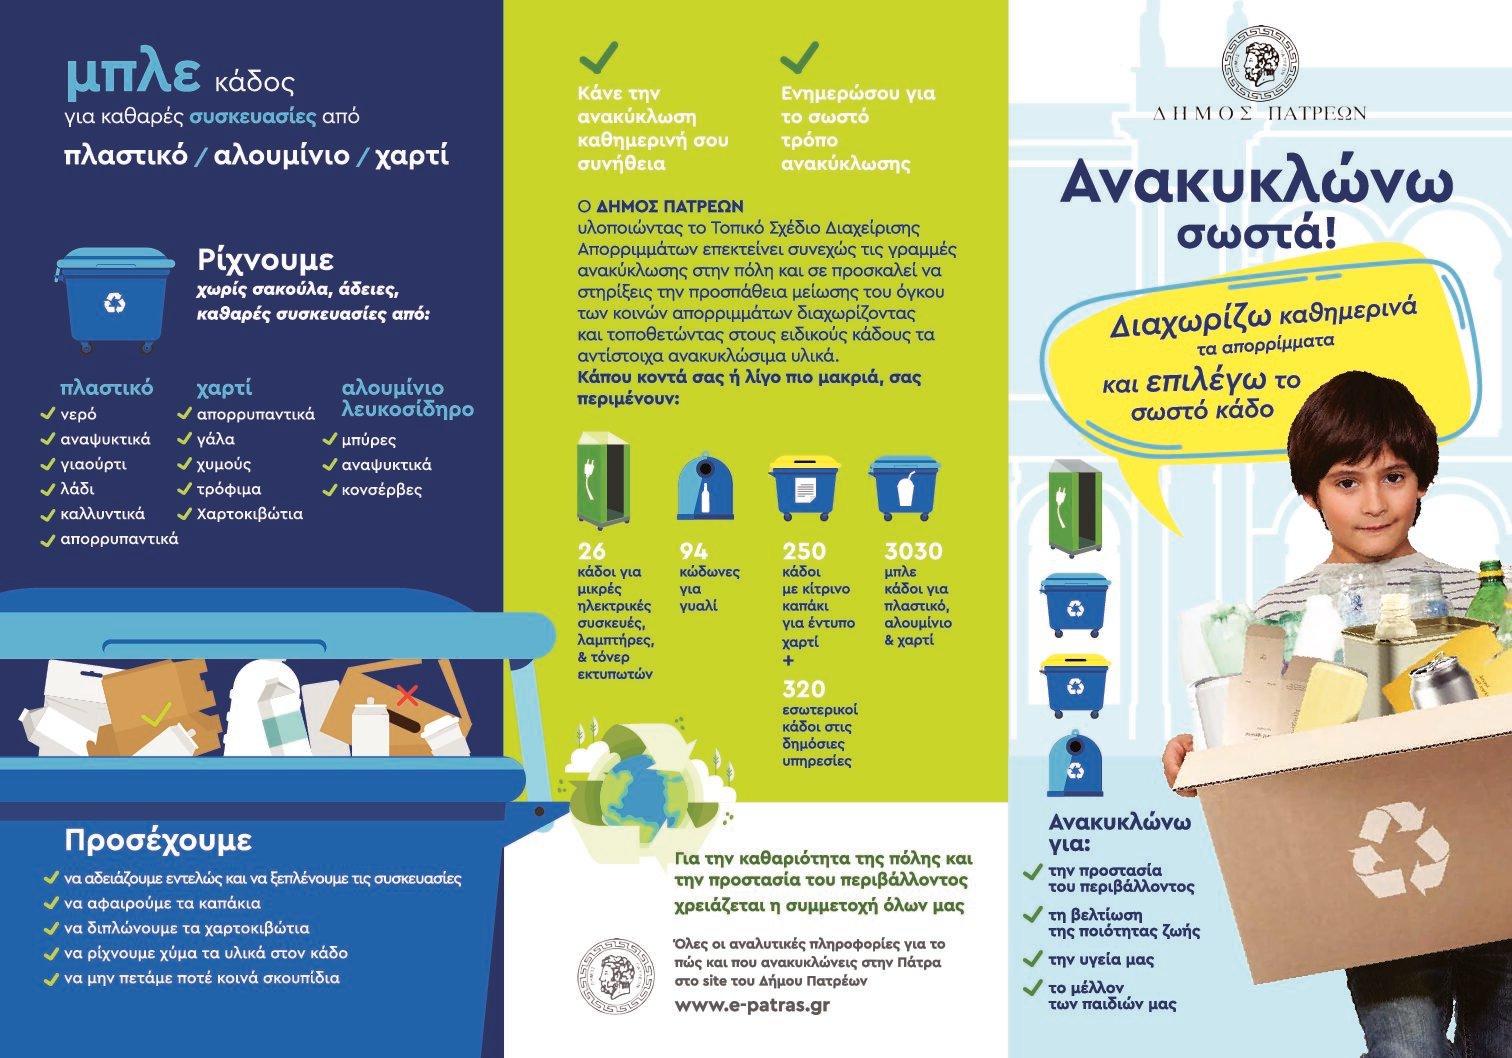 Πάτρα: Ο Δήμος ενημερώνει για την ανακύκλωση